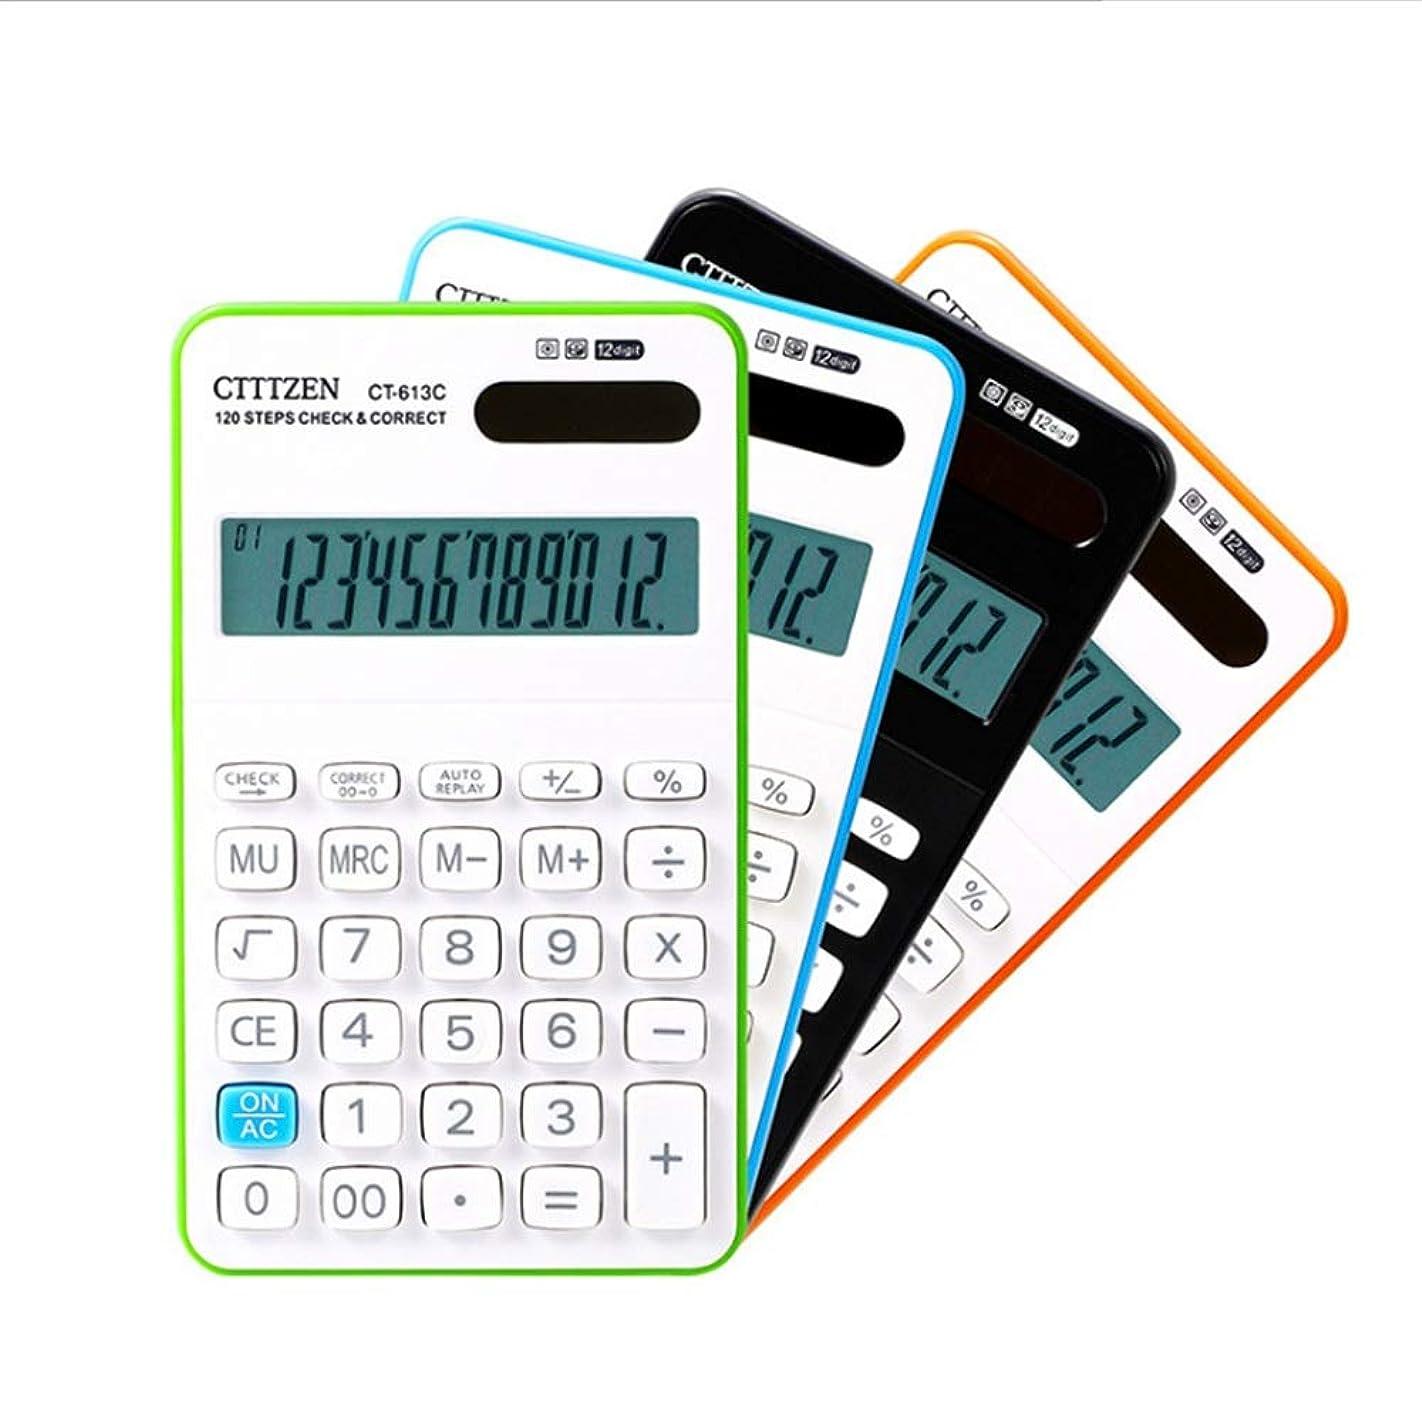 本質的に生むレクリエーション多機能 竹製電卓 12桁の大型ディスプレイ電卓ソーラーバッテリーLCDディスプレイオフィス電卓電子デスクトップ電卓ブラックブルーグリーンオレンジビジネスギフト (色 : 青)